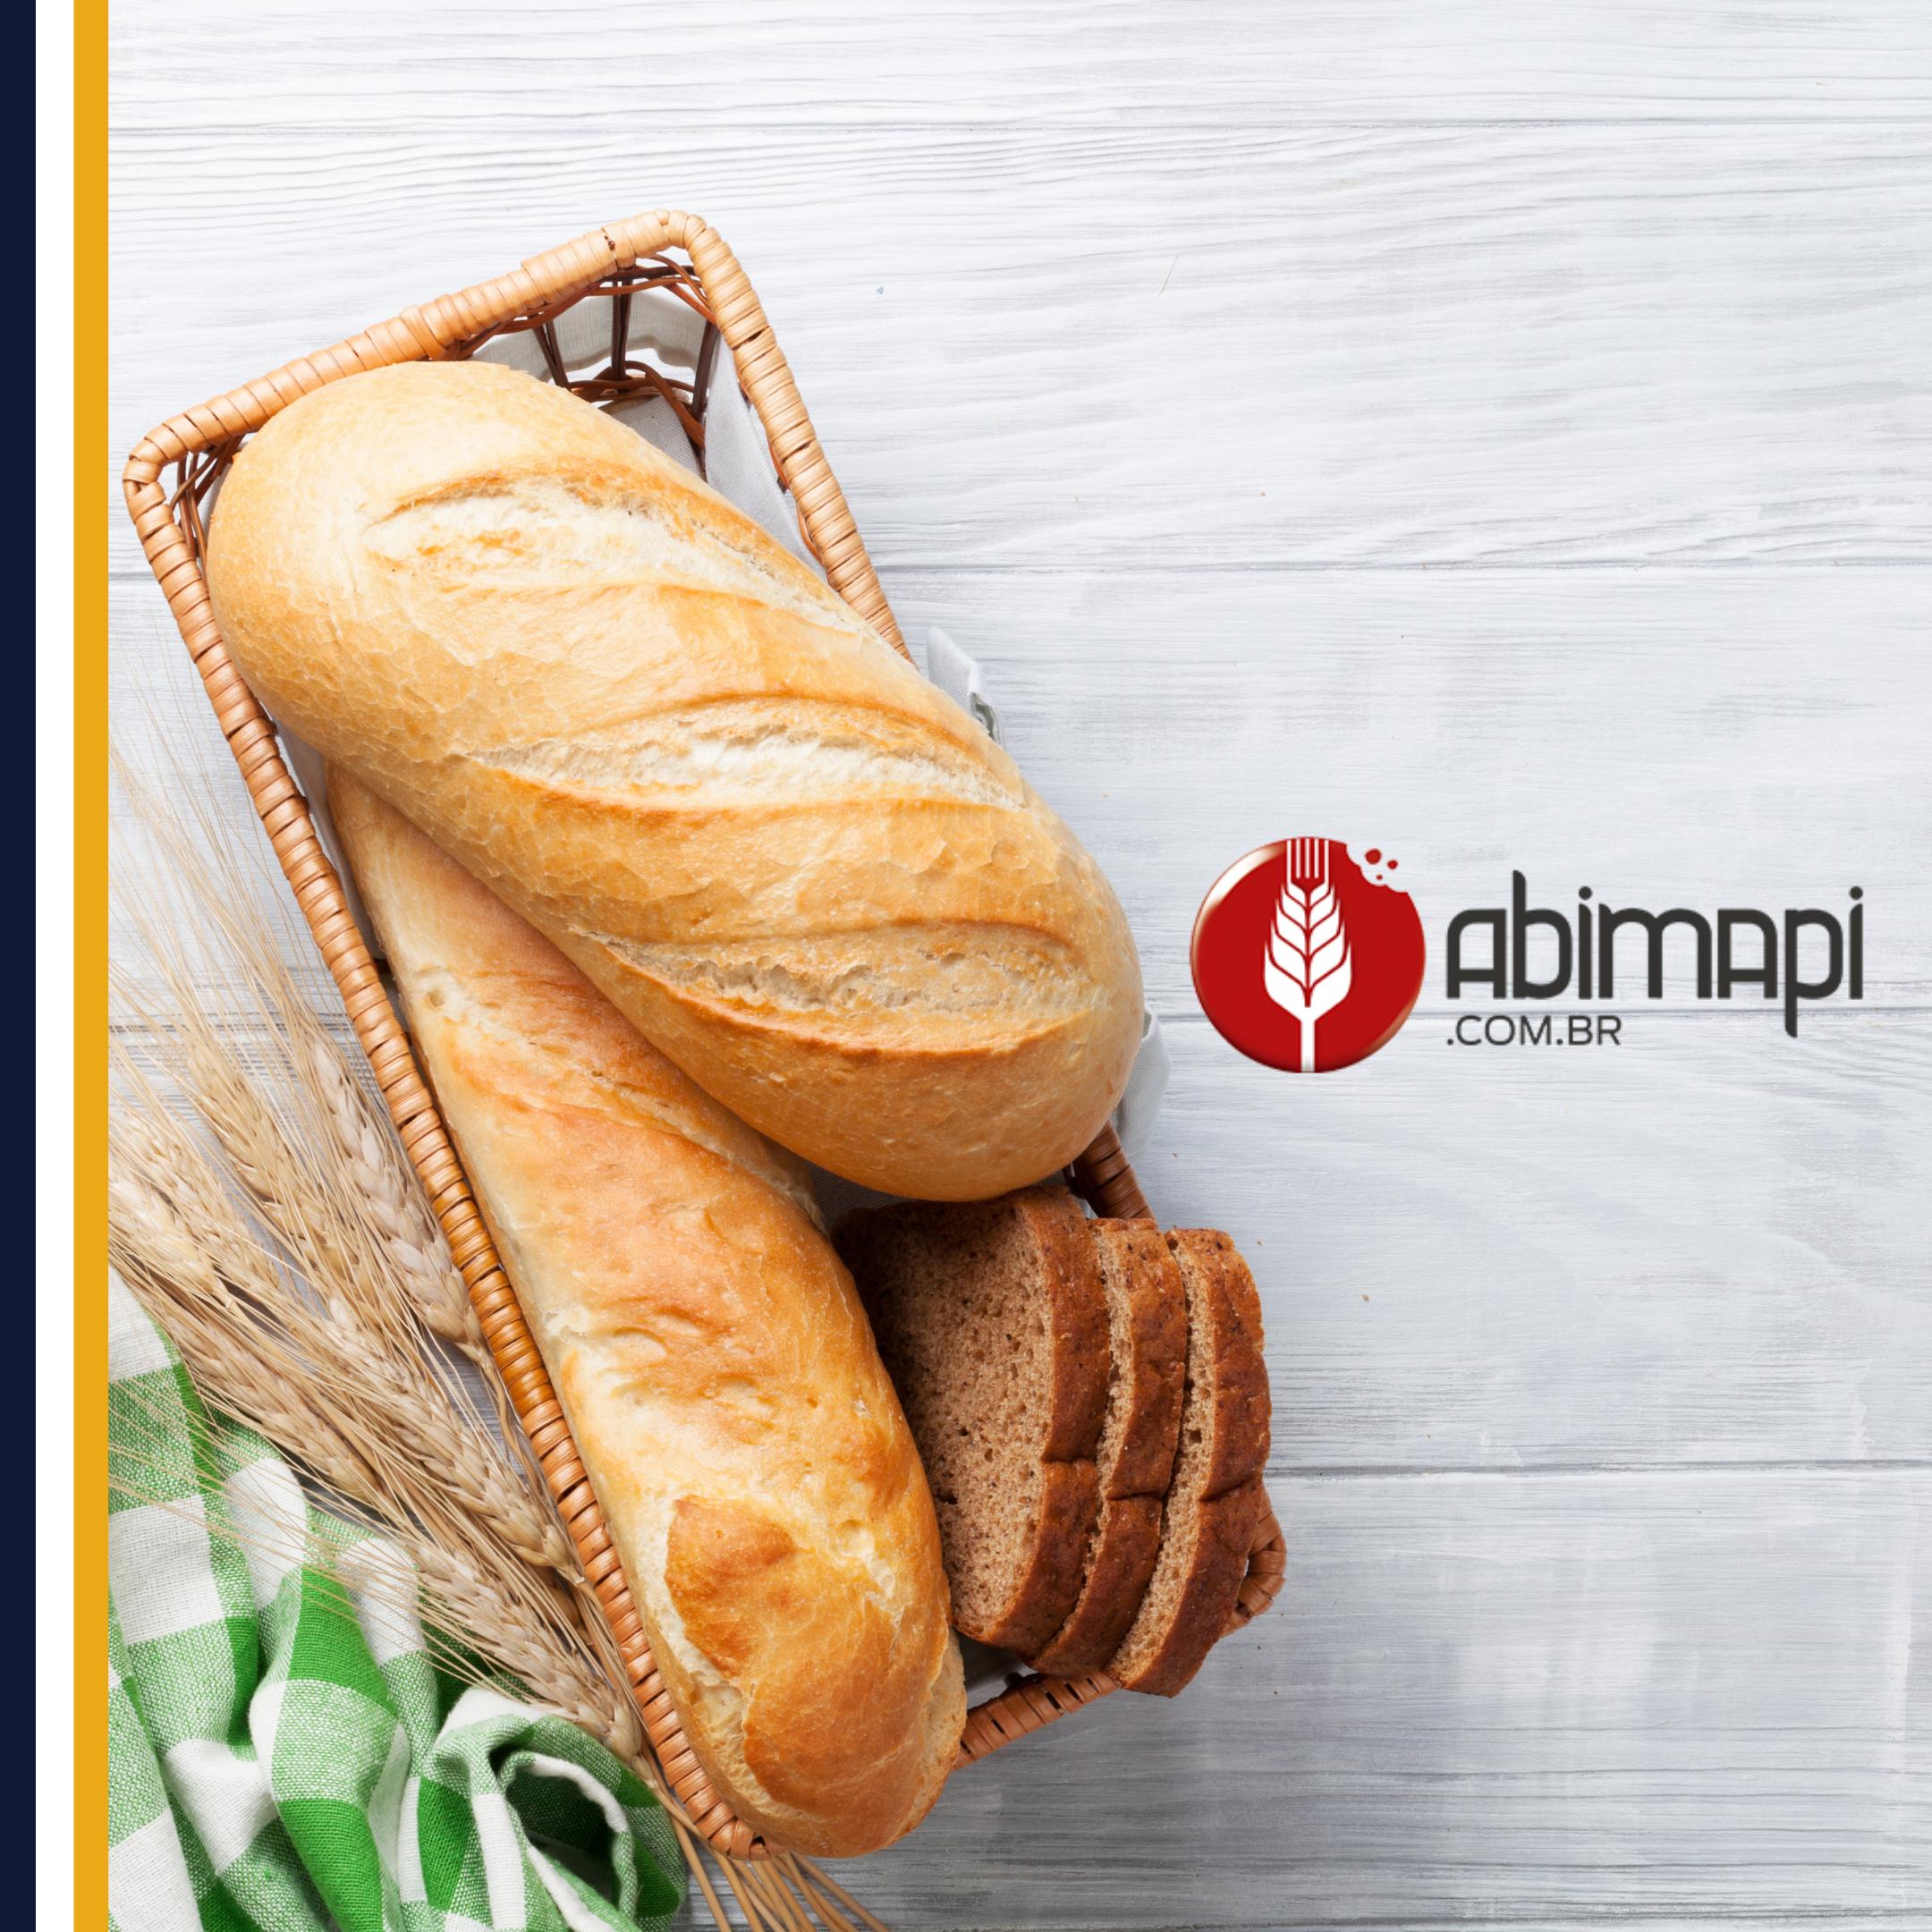 Meet Our Clients: ABIMAPI